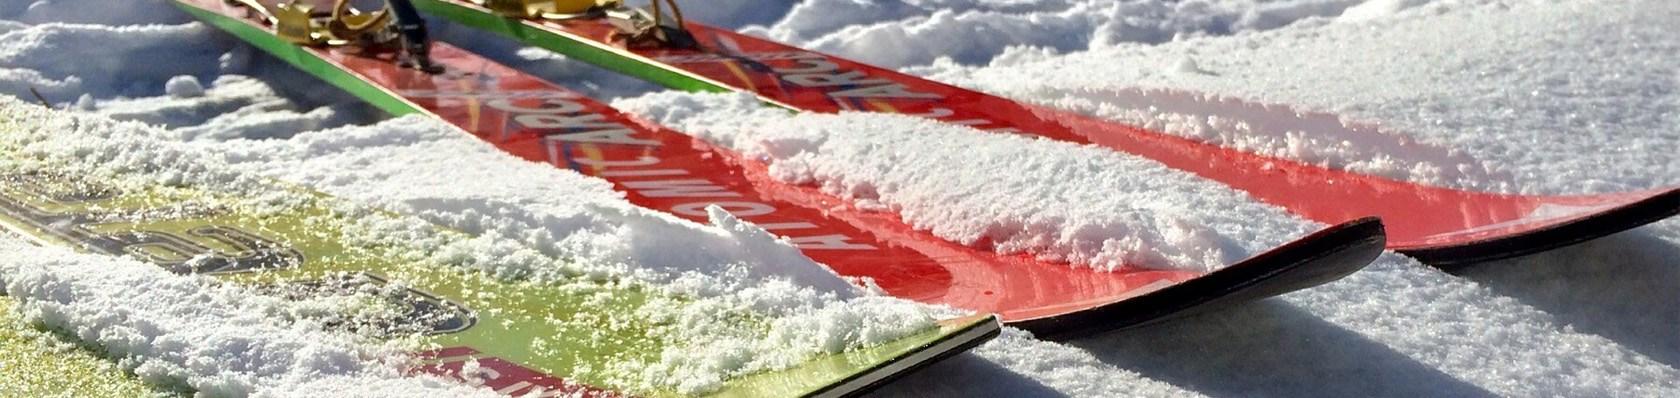 Kinder/Junior Ski im Test auf ExpertenTesten.de